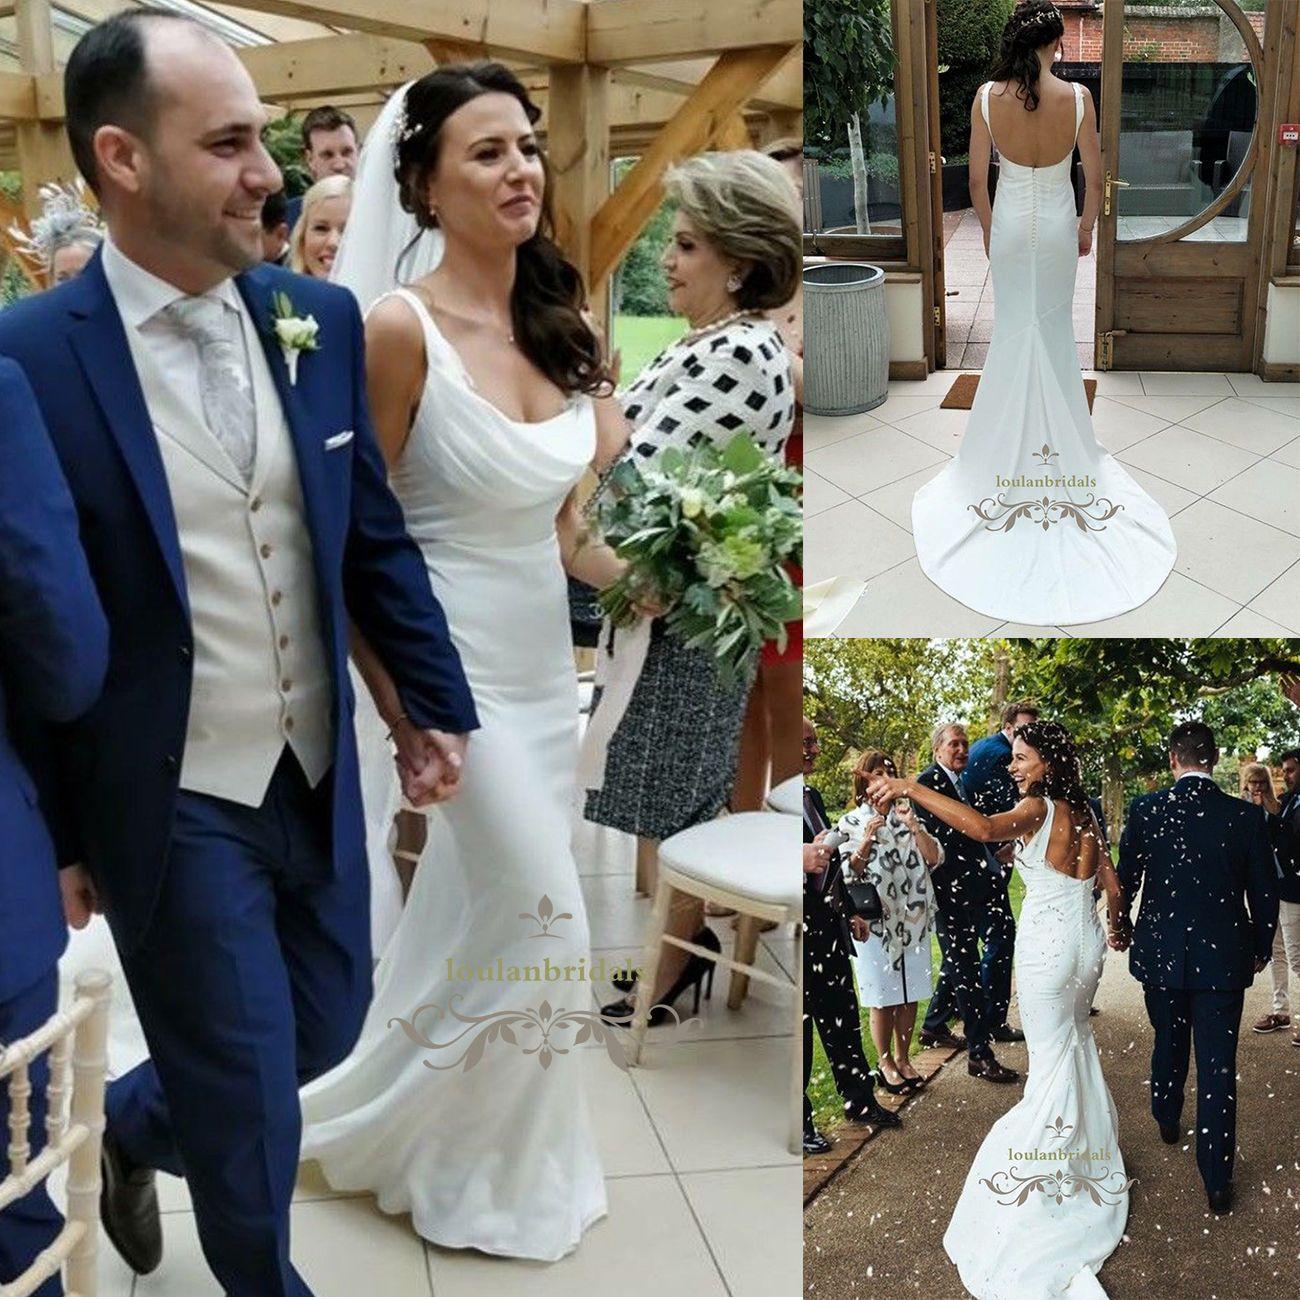 Cowl Neckline Wedding Gowns: Features Gorgeous Cowl Neckline Bias Cut Bottom Wedding